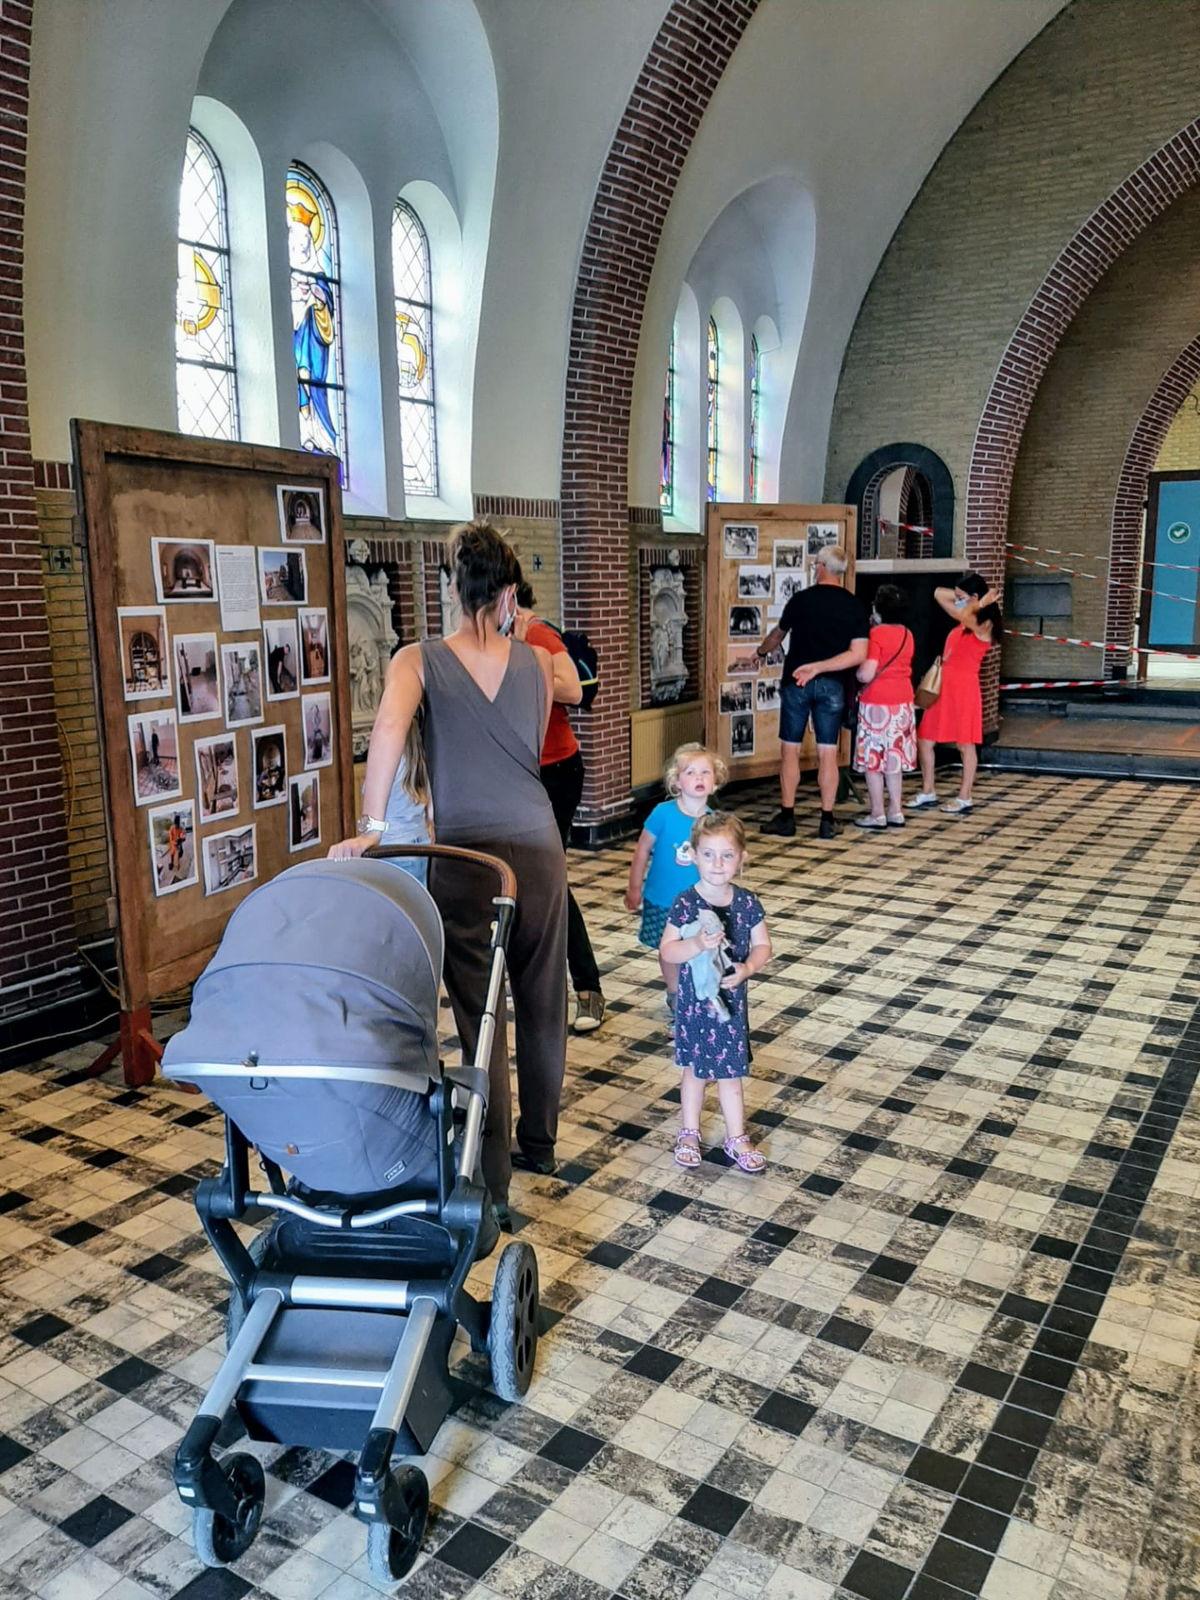 Inwoners van Wange konden op 27 juni kennis maken met het toekomstige ontmoetingscentrum in de herbestemde kerk